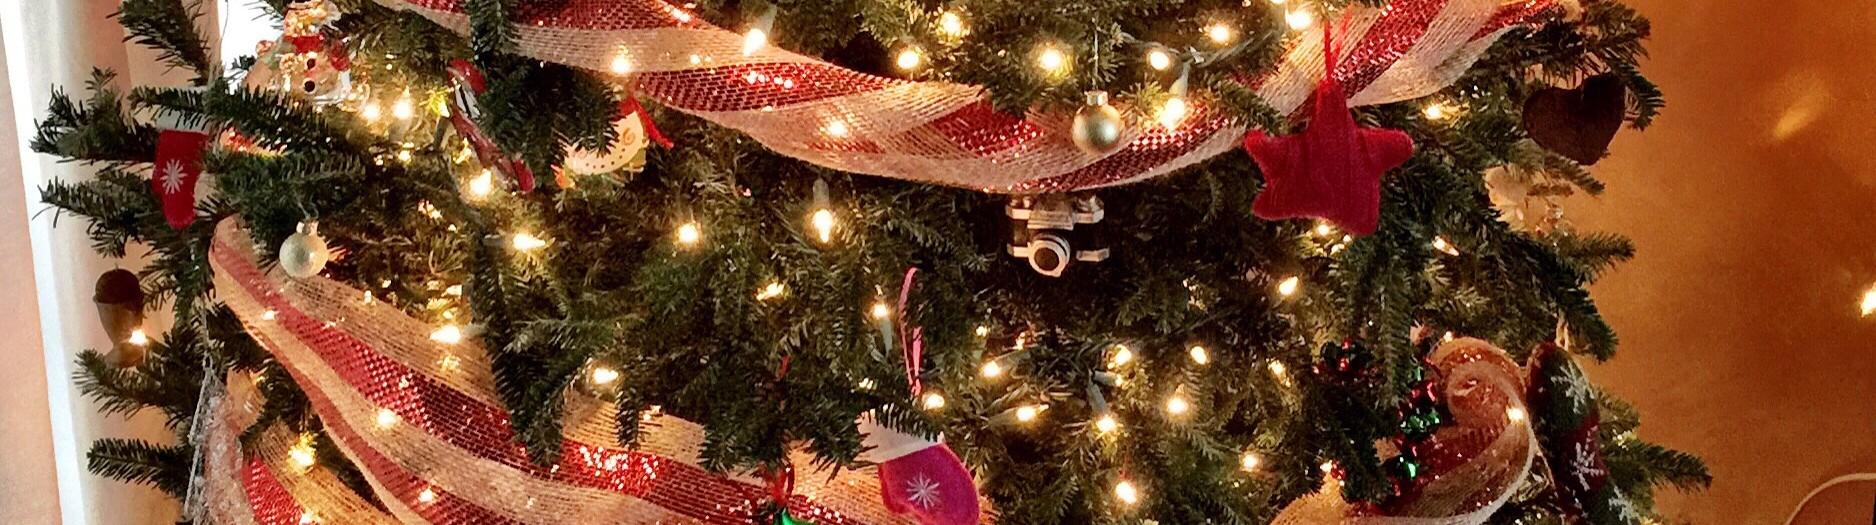 December 1: Tree